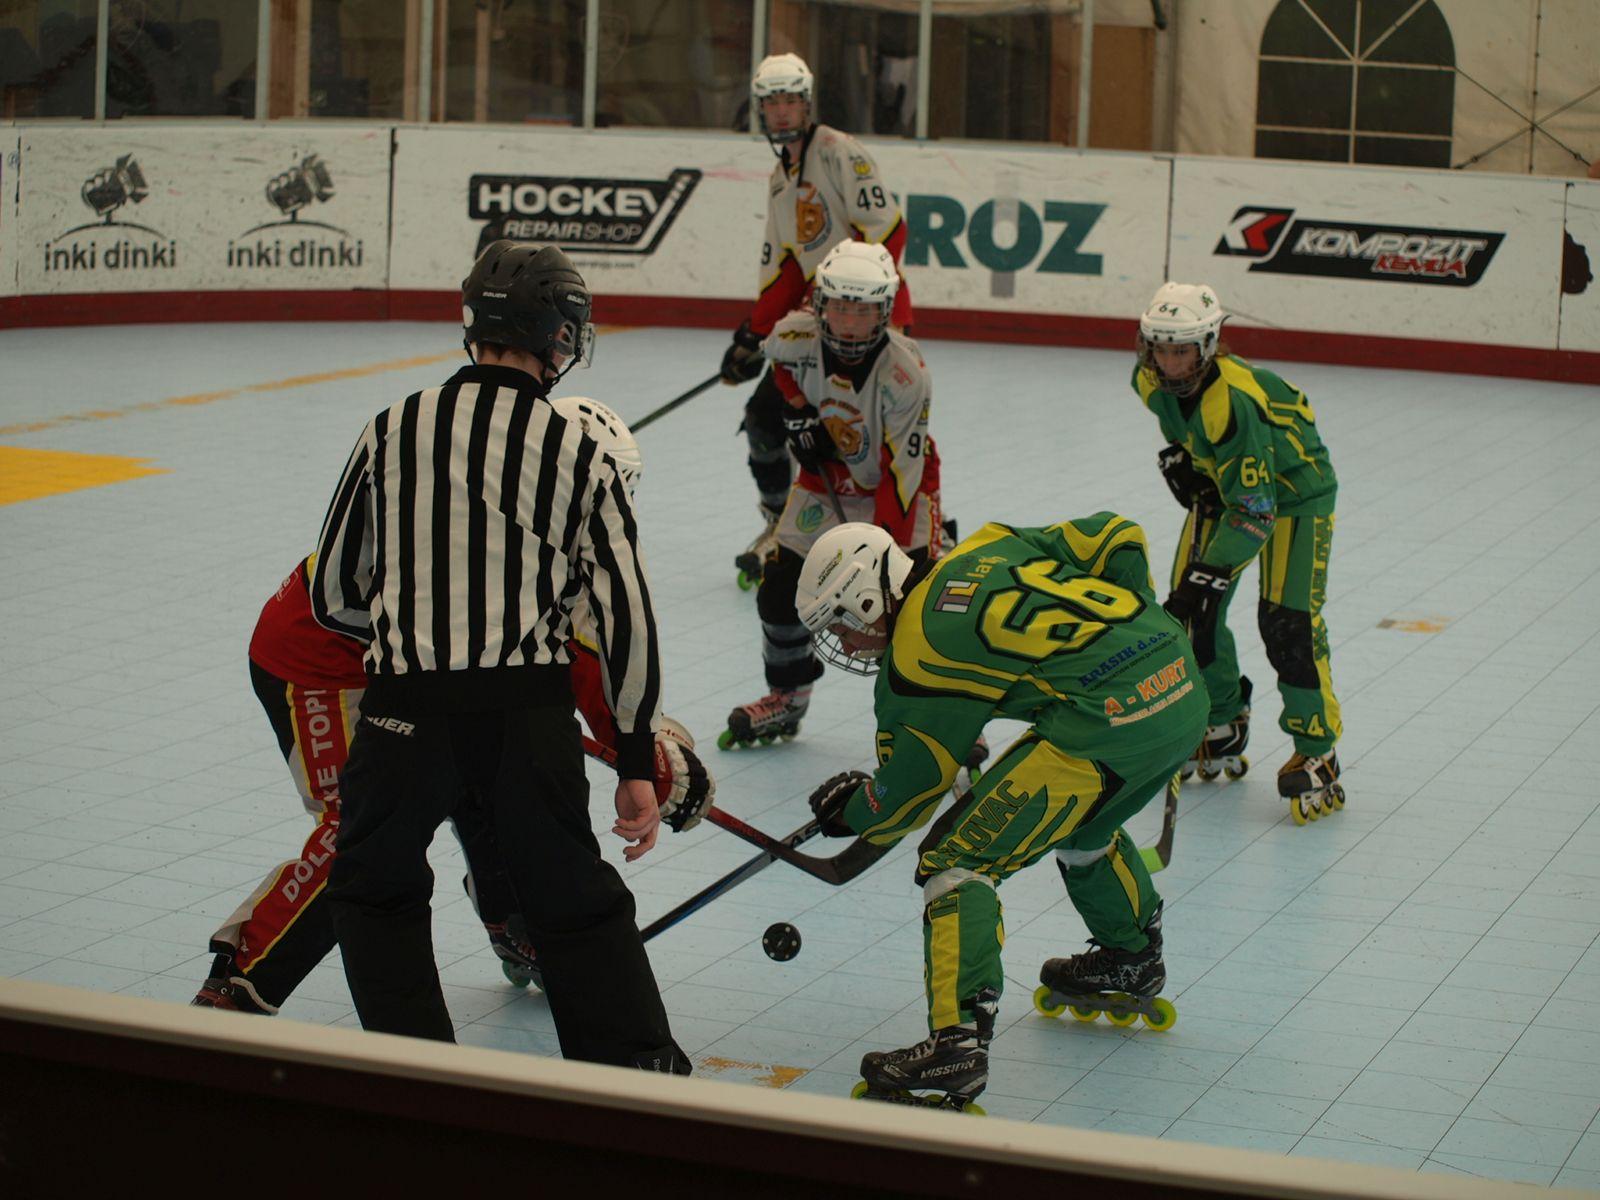 Hokej Rezultati